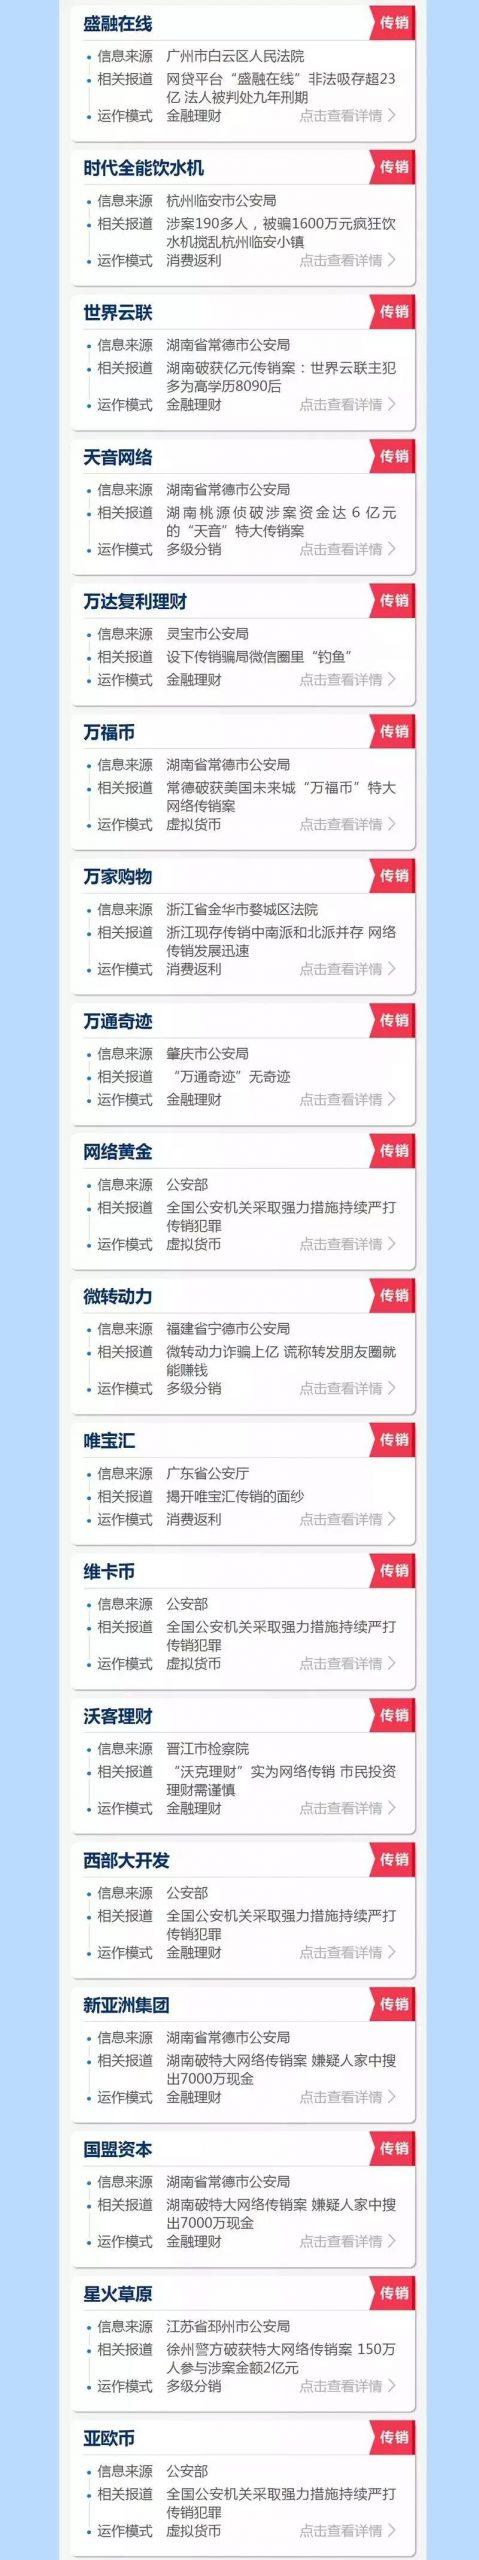 """现场视频曝光!广东20多名""""富婆""""被抓,她们都来自这些组织!插图46"""